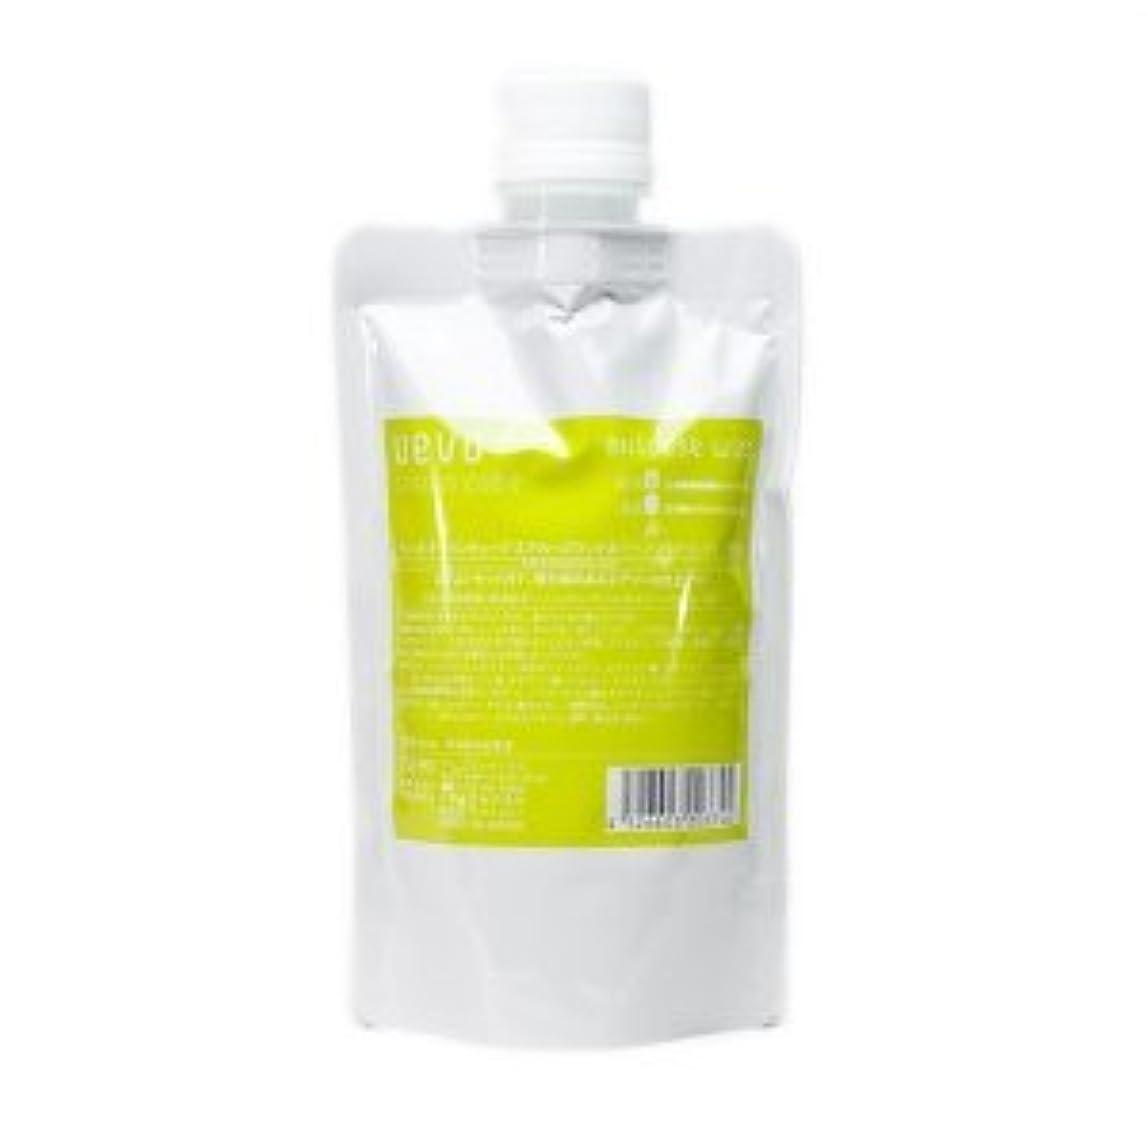 傾いた白菜ベル【X3個セット】 デミ ウェーボ デザインキューブ エアルーズワックス 200g 業務用 airloose wax DEMI uevo design cube